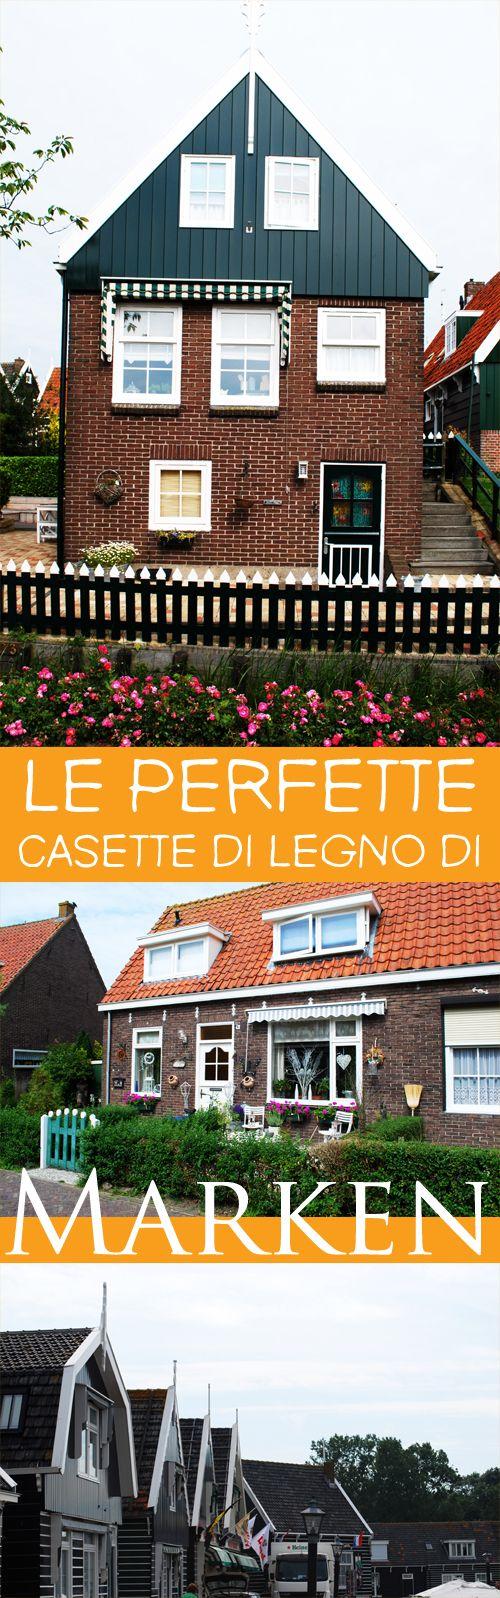 Se siete dei perfezionisti, non perdetevi Marken, delizioso paesino olandese dalla precisione inquietante.